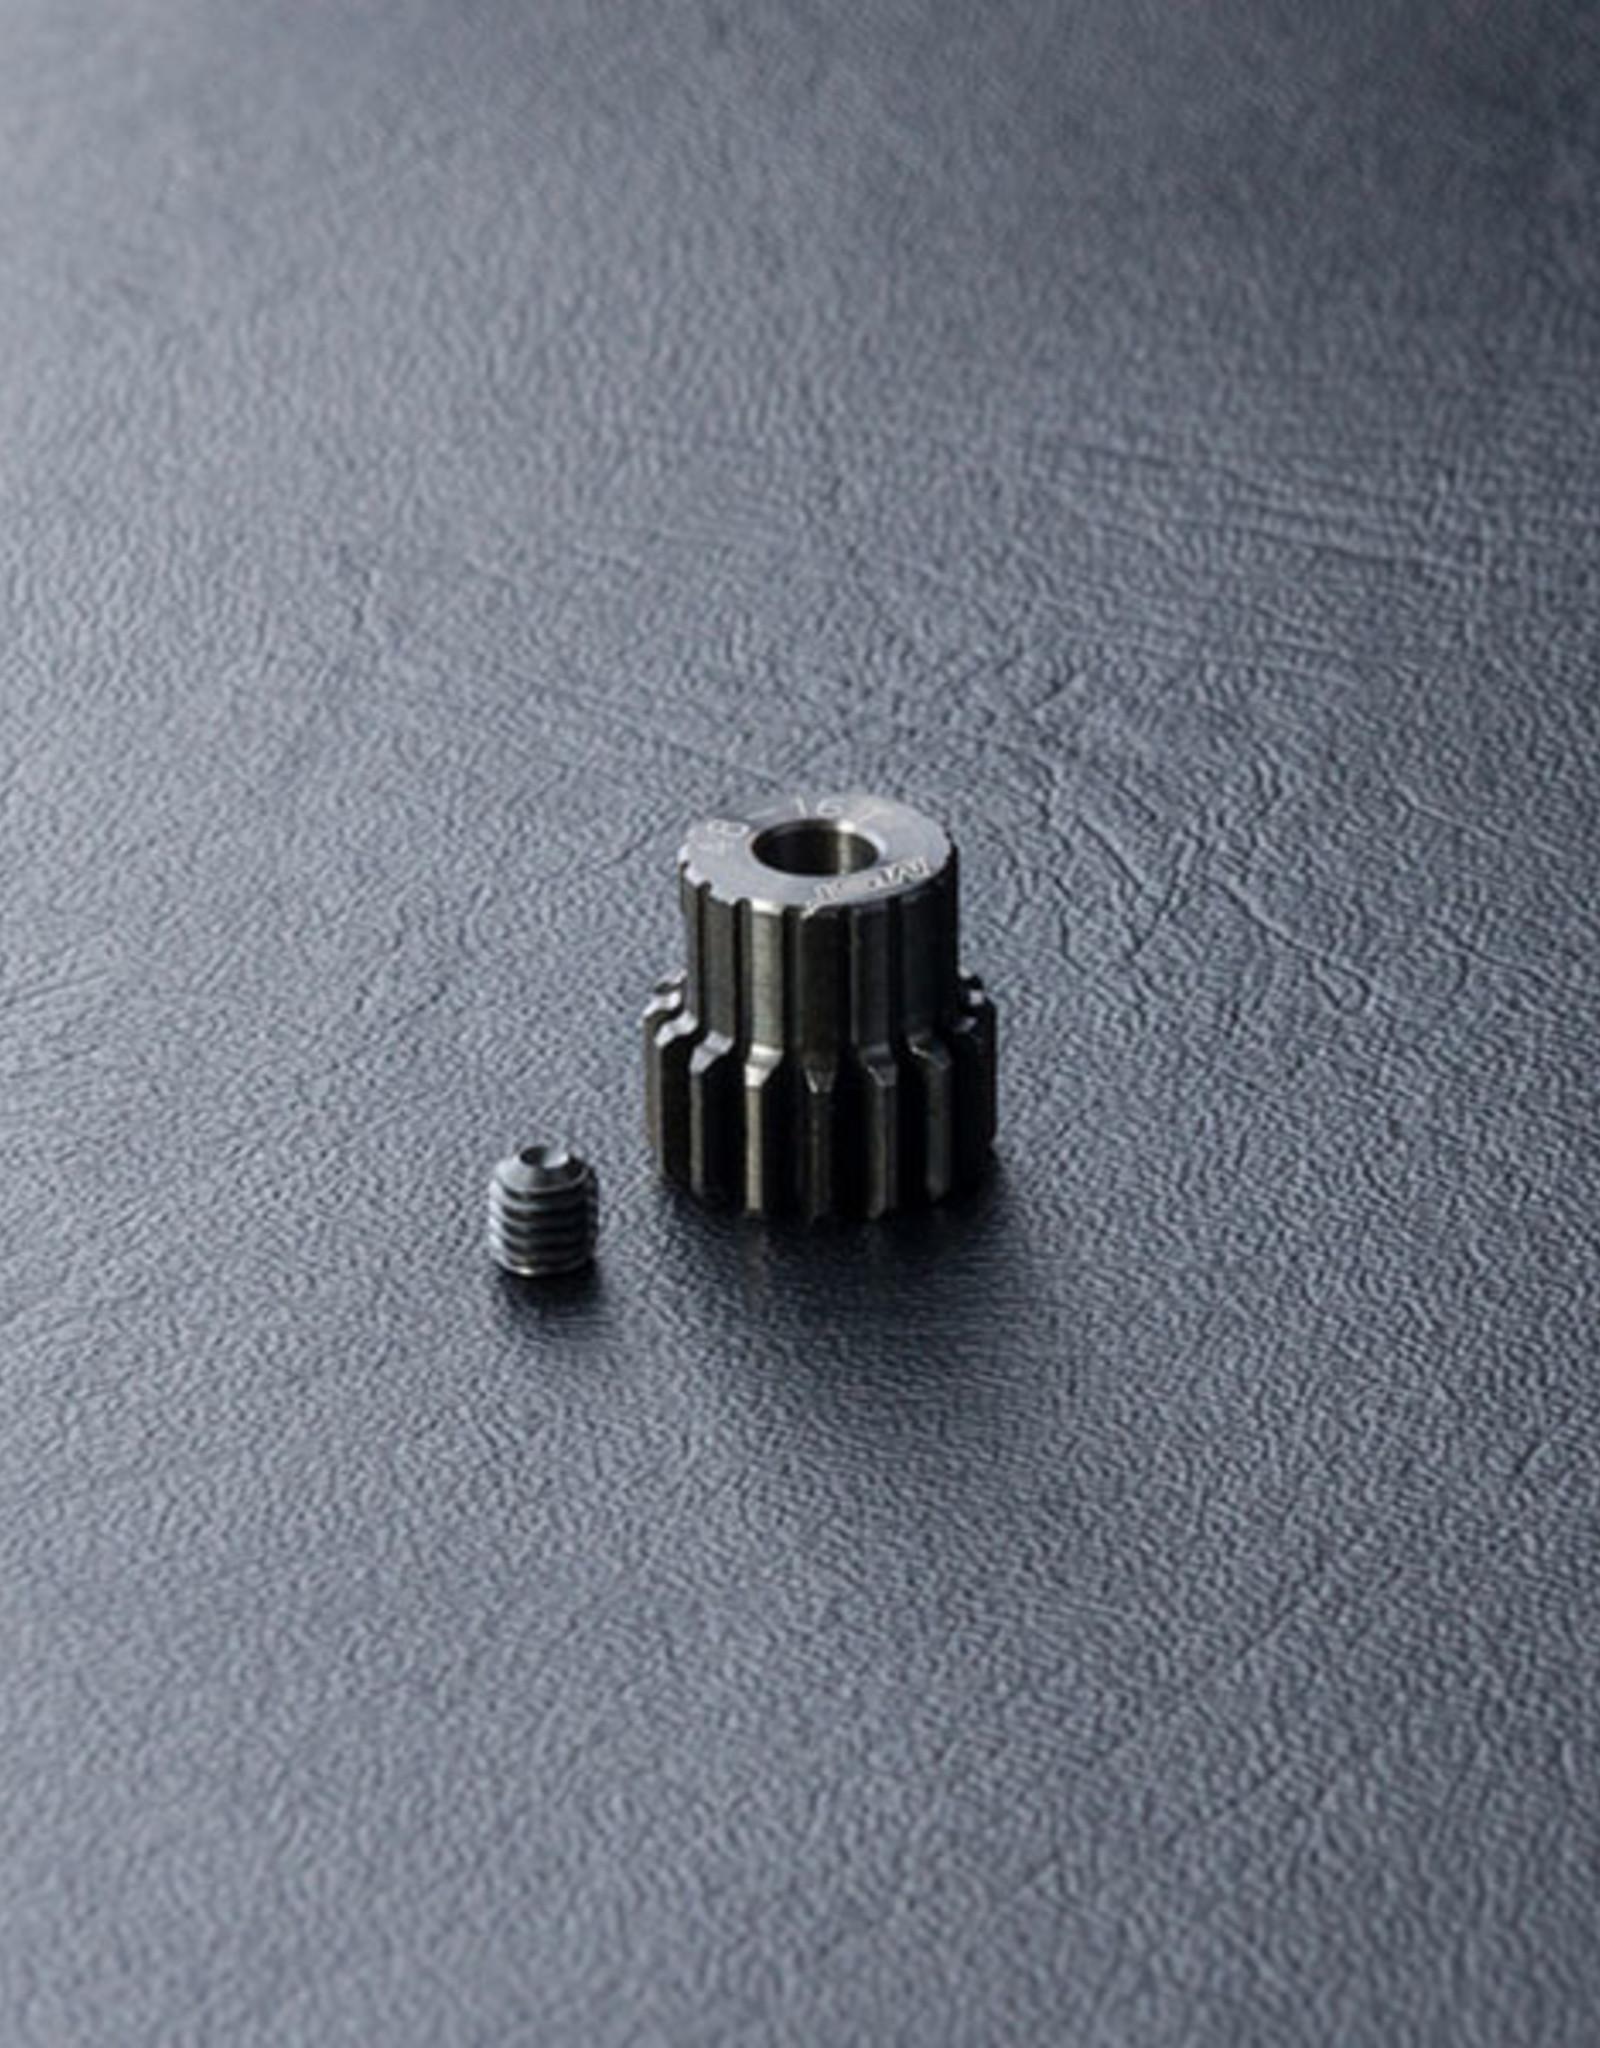 MST MXSPD148016 MST 48P Pinion Gear 16T 148016 by MST